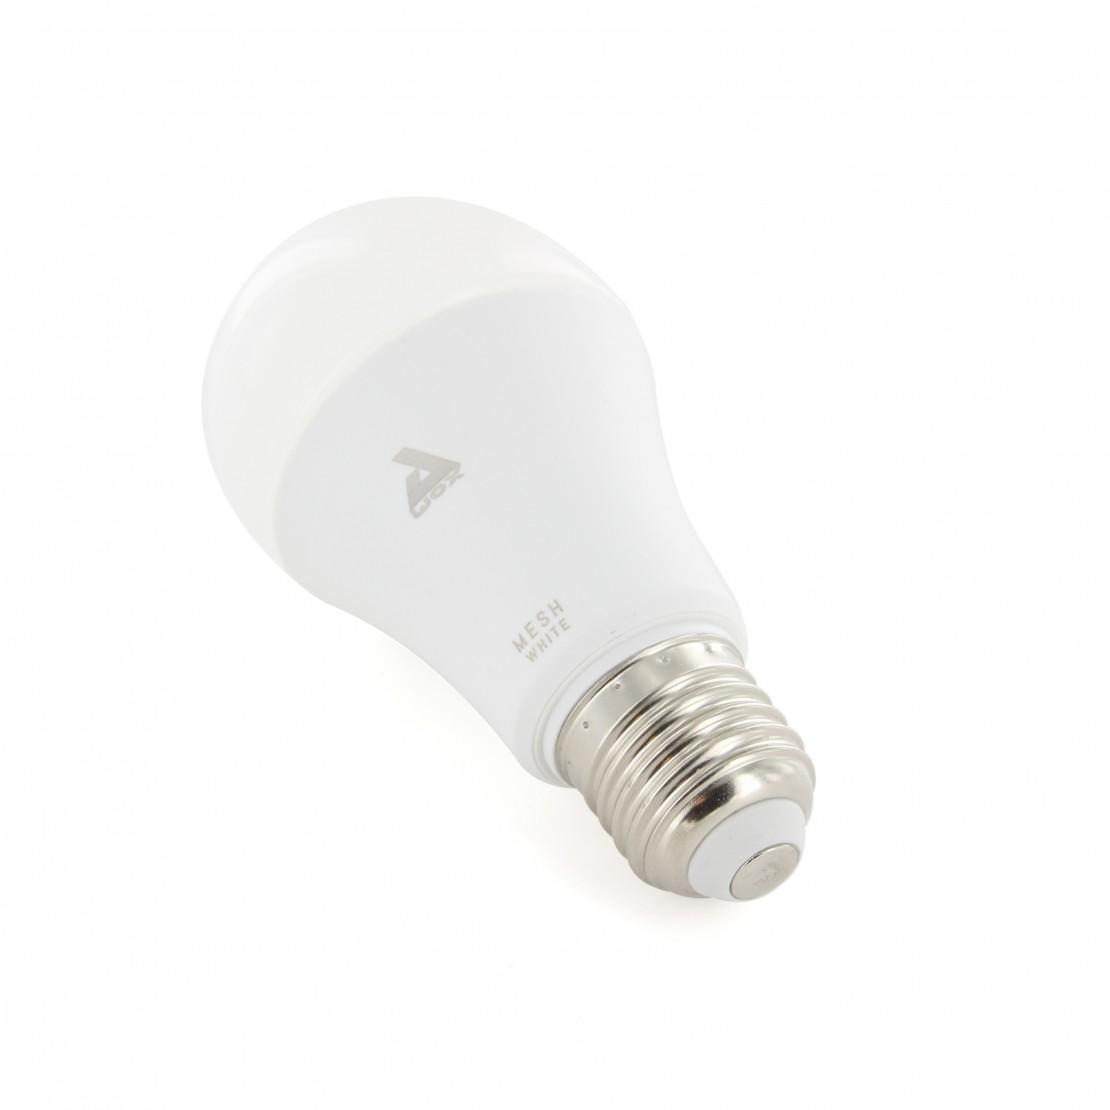 SmartLIGHT - ampoule E27 blanche Buetooth Mesh